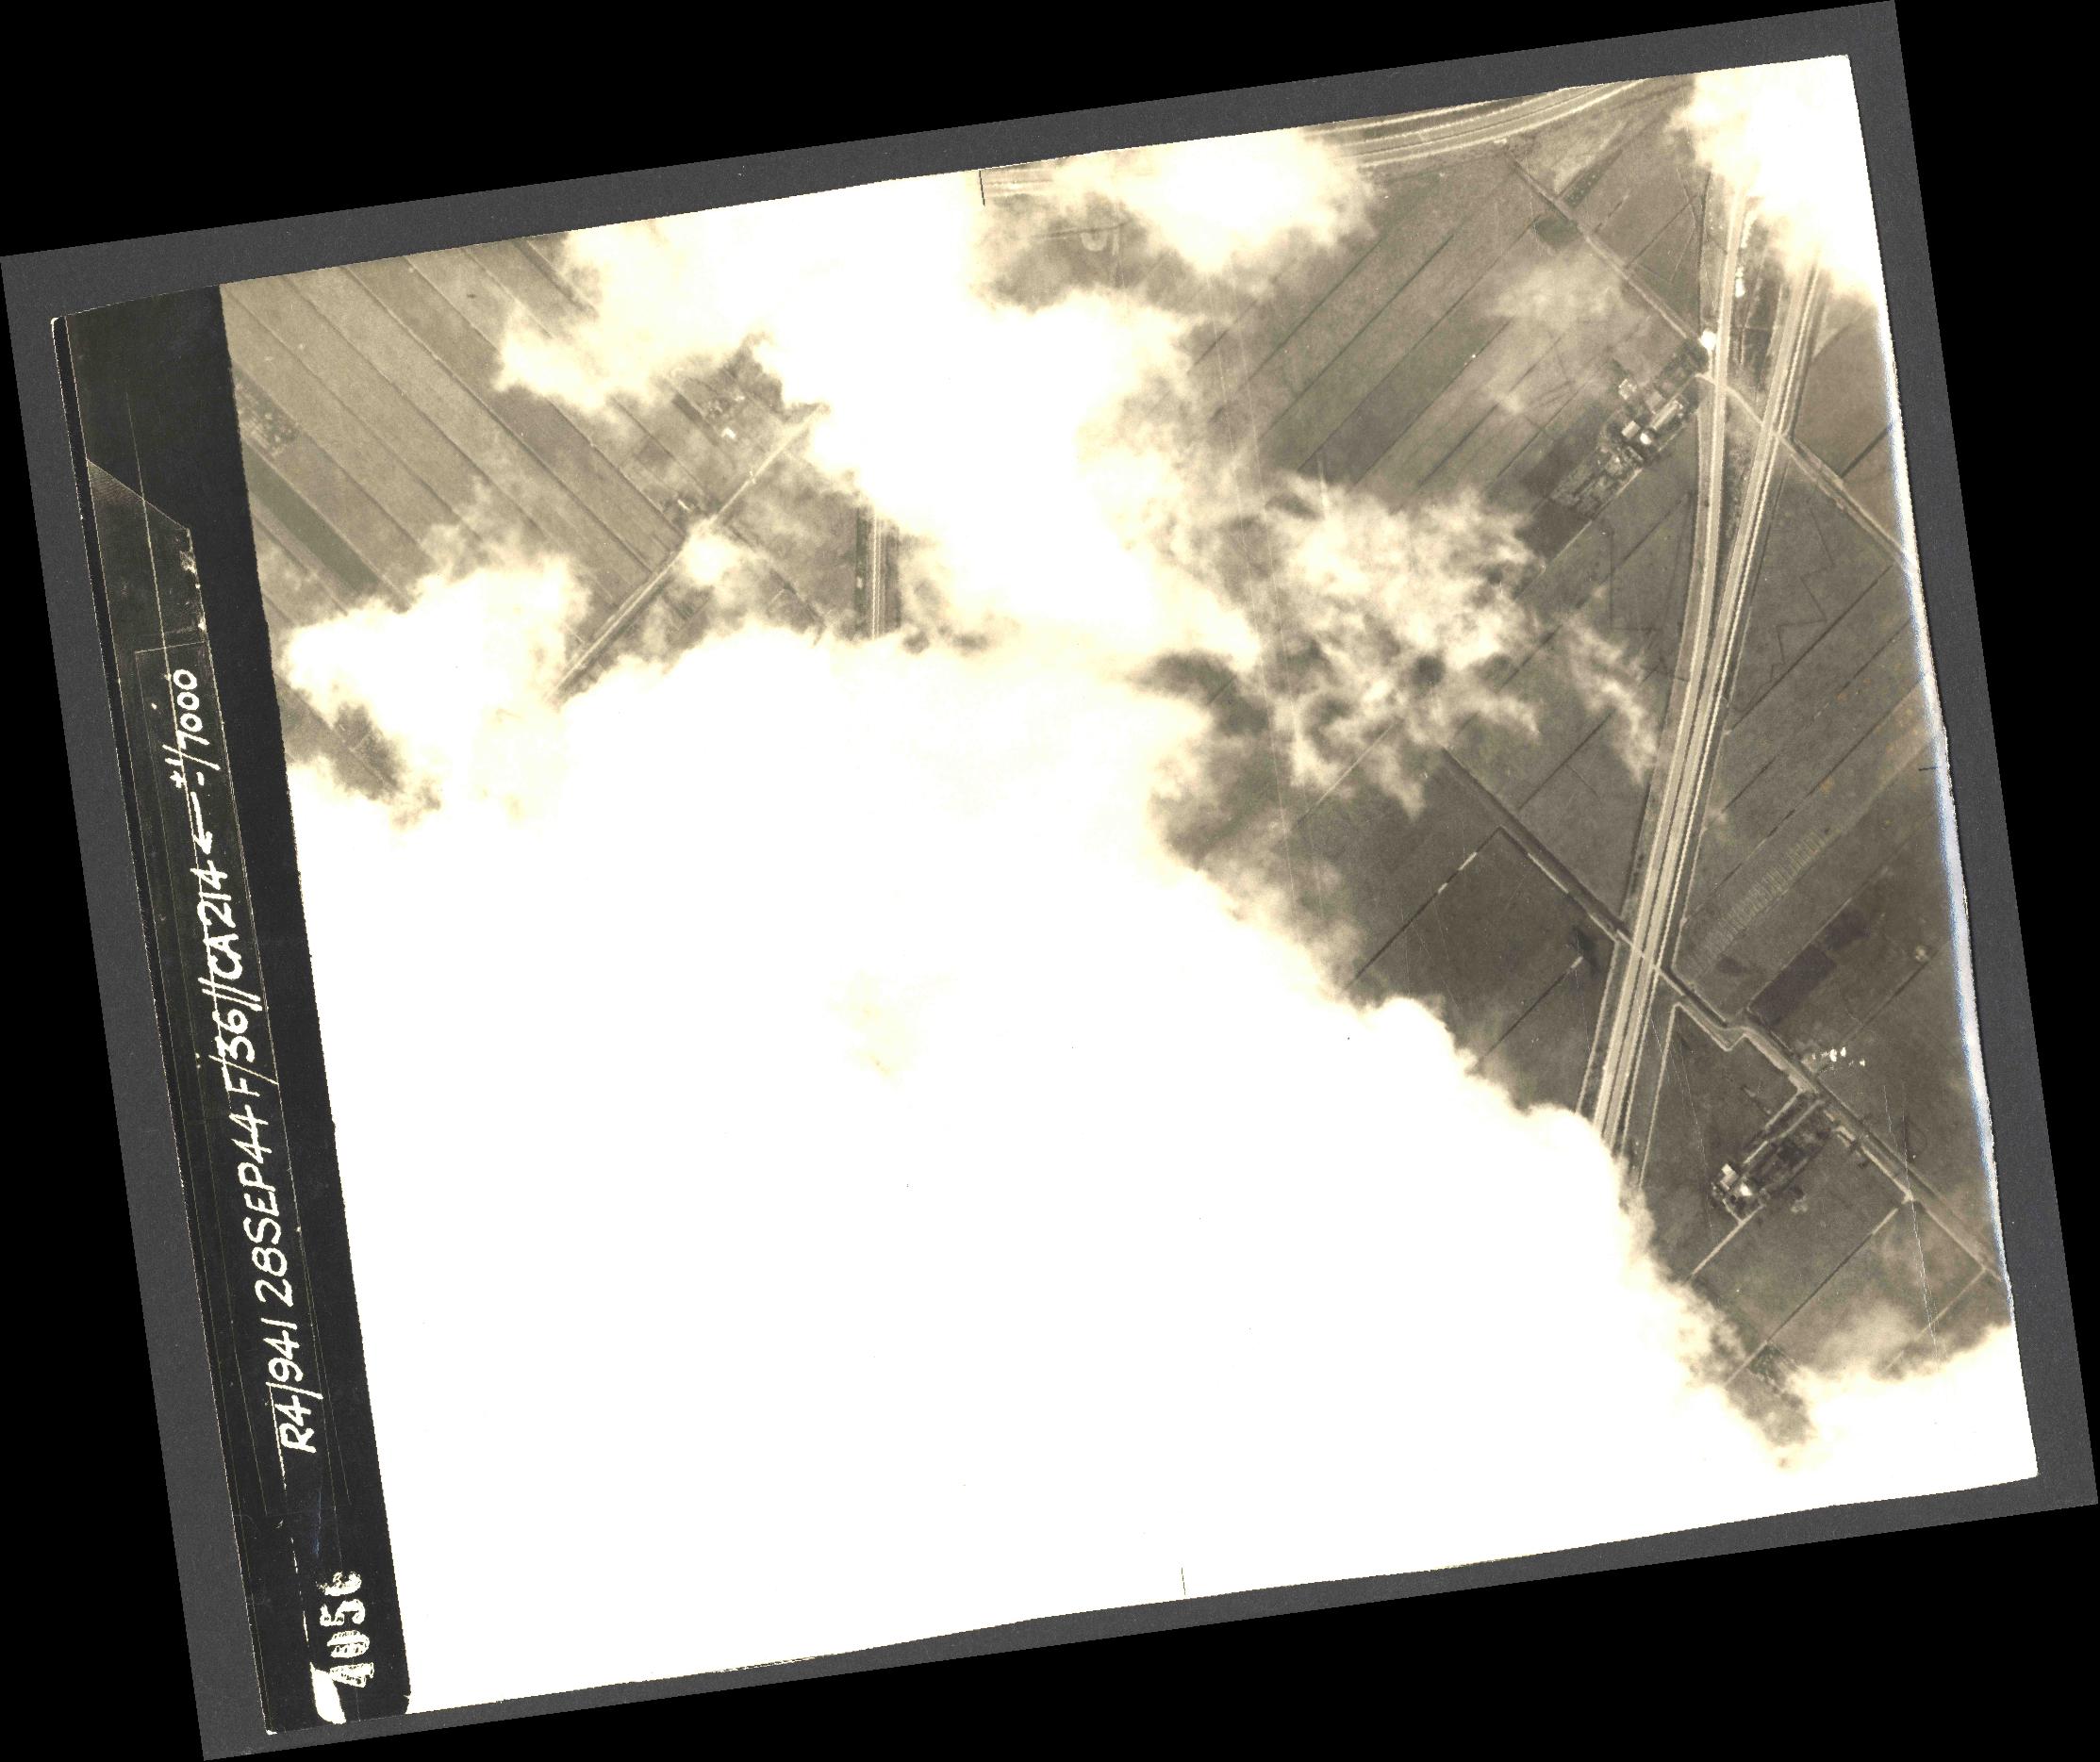 Collection RAF aerial photos 1940-1945 - flight 067, run 07, photo 4056